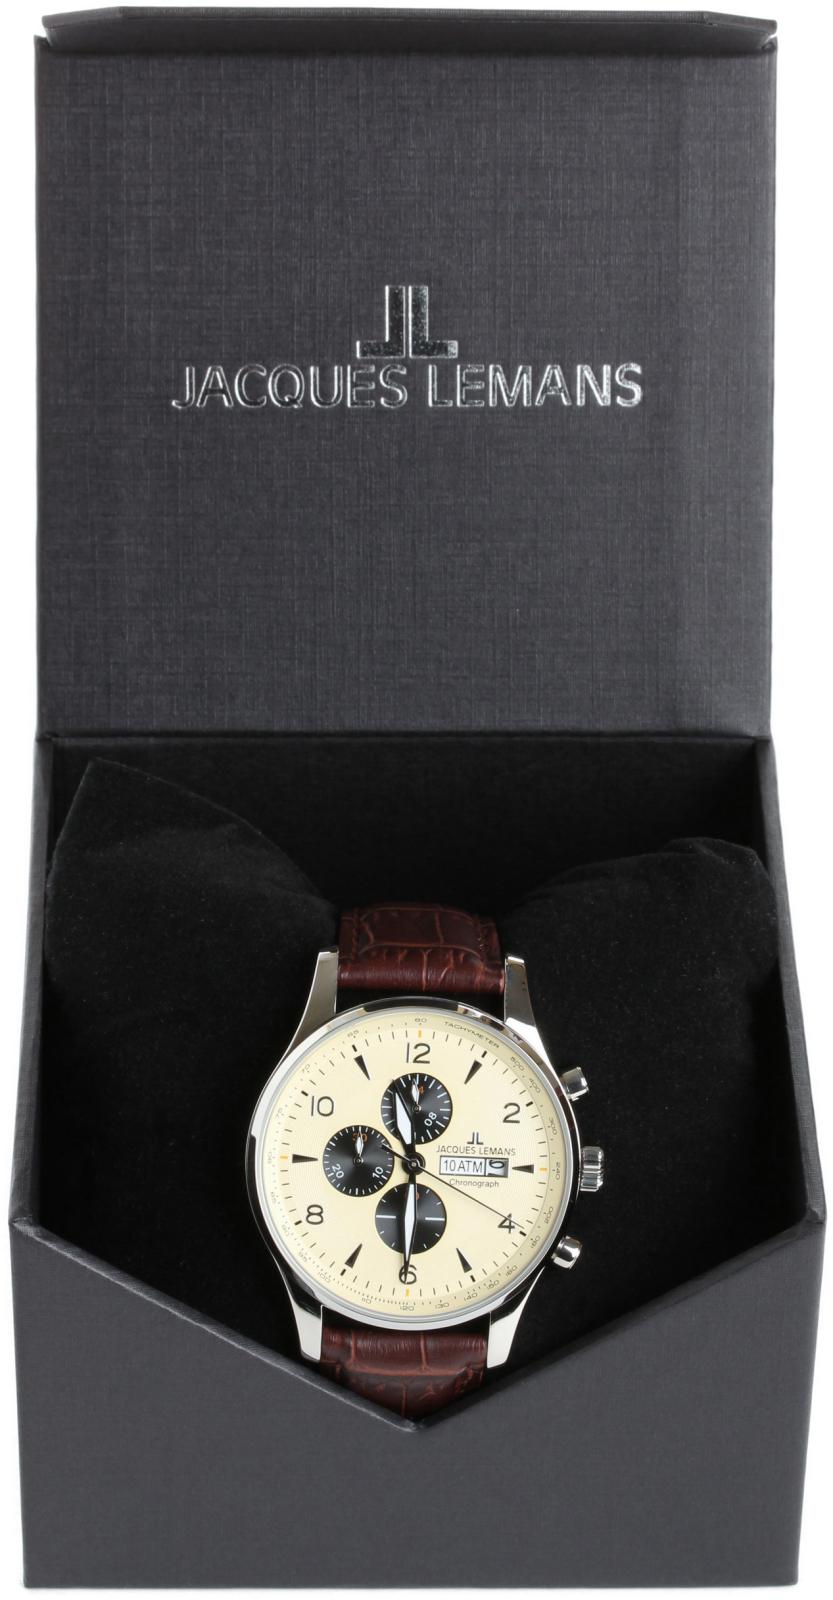 Jacques Lemans London 1-1844CНаручные часы<br>Австрийские часы Jacques Lemans London 1-1844C<br><br>Пол: Мужские<br>Страна-производитель: Австрия<br>Механизм: Кварцевый<br>Материал корпуса: Сталь<br>Материал ремня/браслета: Кожа<br>Водозащита, диапазон: None<br>Стекло: Минеральное<br>Толщина корпуса: None<br>Стиль: None